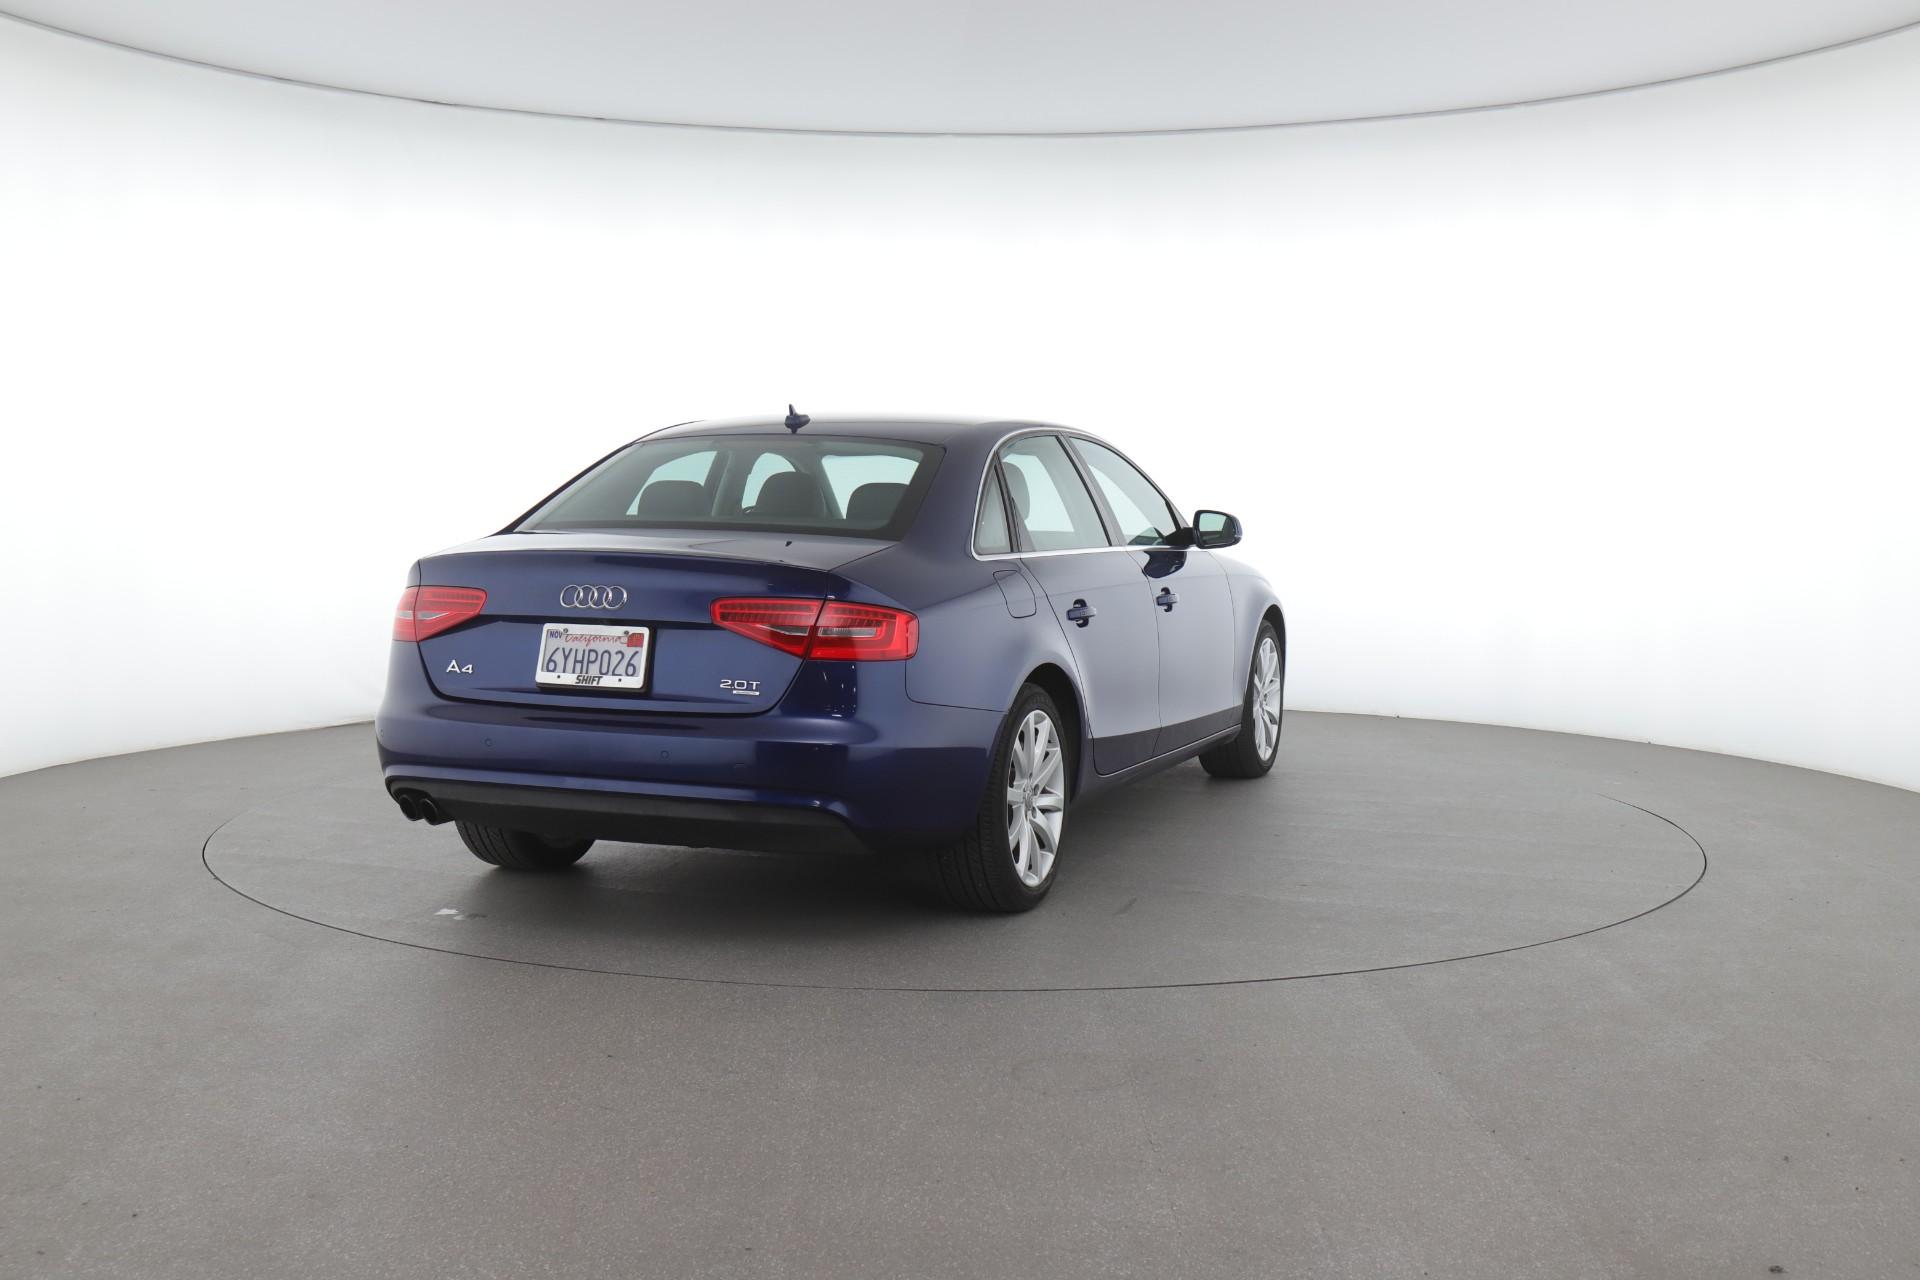 2013 Audi A4 Premium Plus (from $13,950)